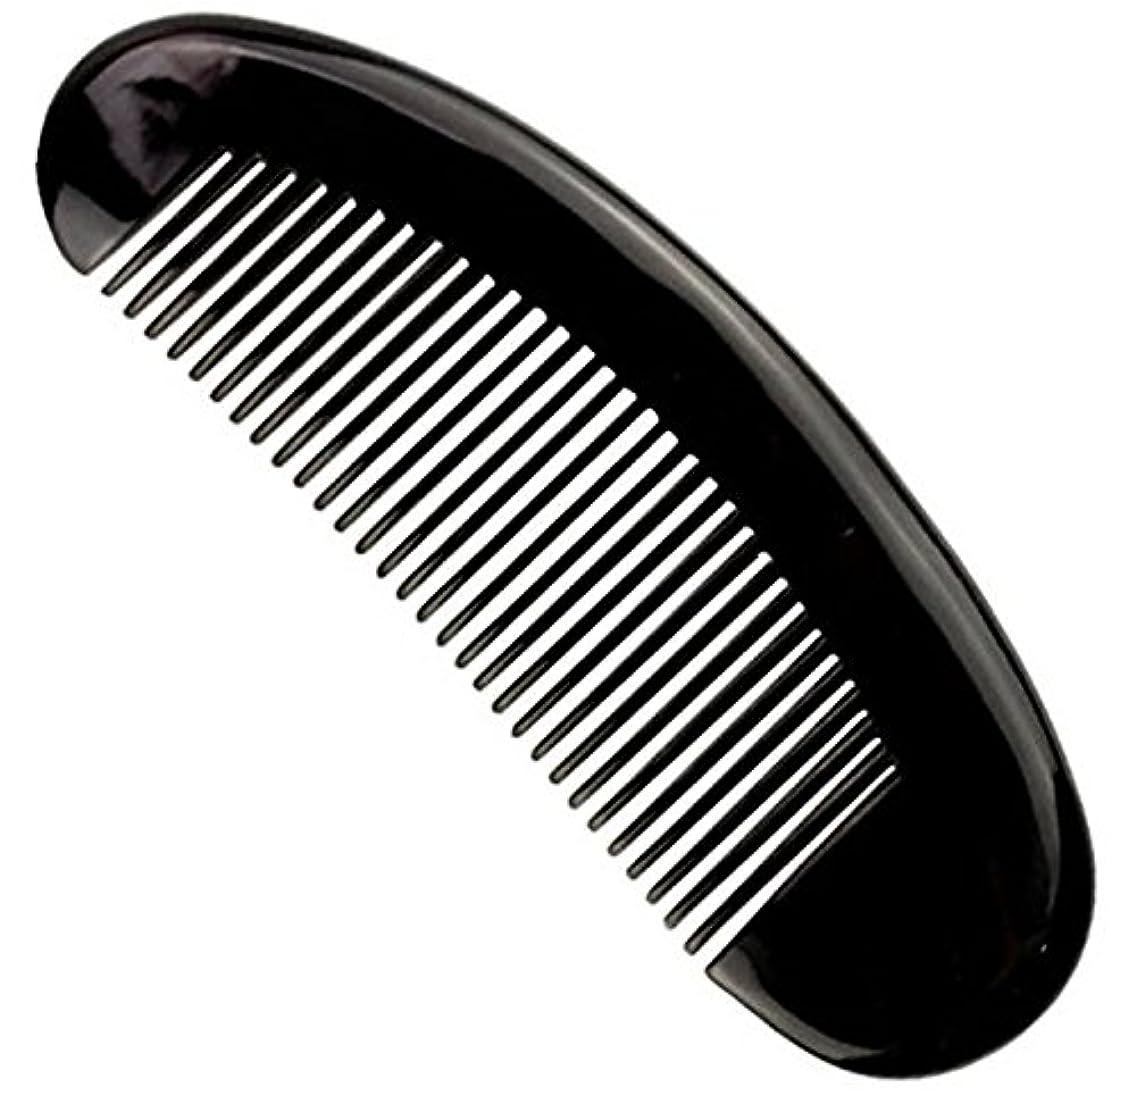 櫛型 プロも使う牛角かっさプレー マサージ用 血行改善 高級 天然 静電気防止 美髪 美顔 ボディ リンパマッサージ